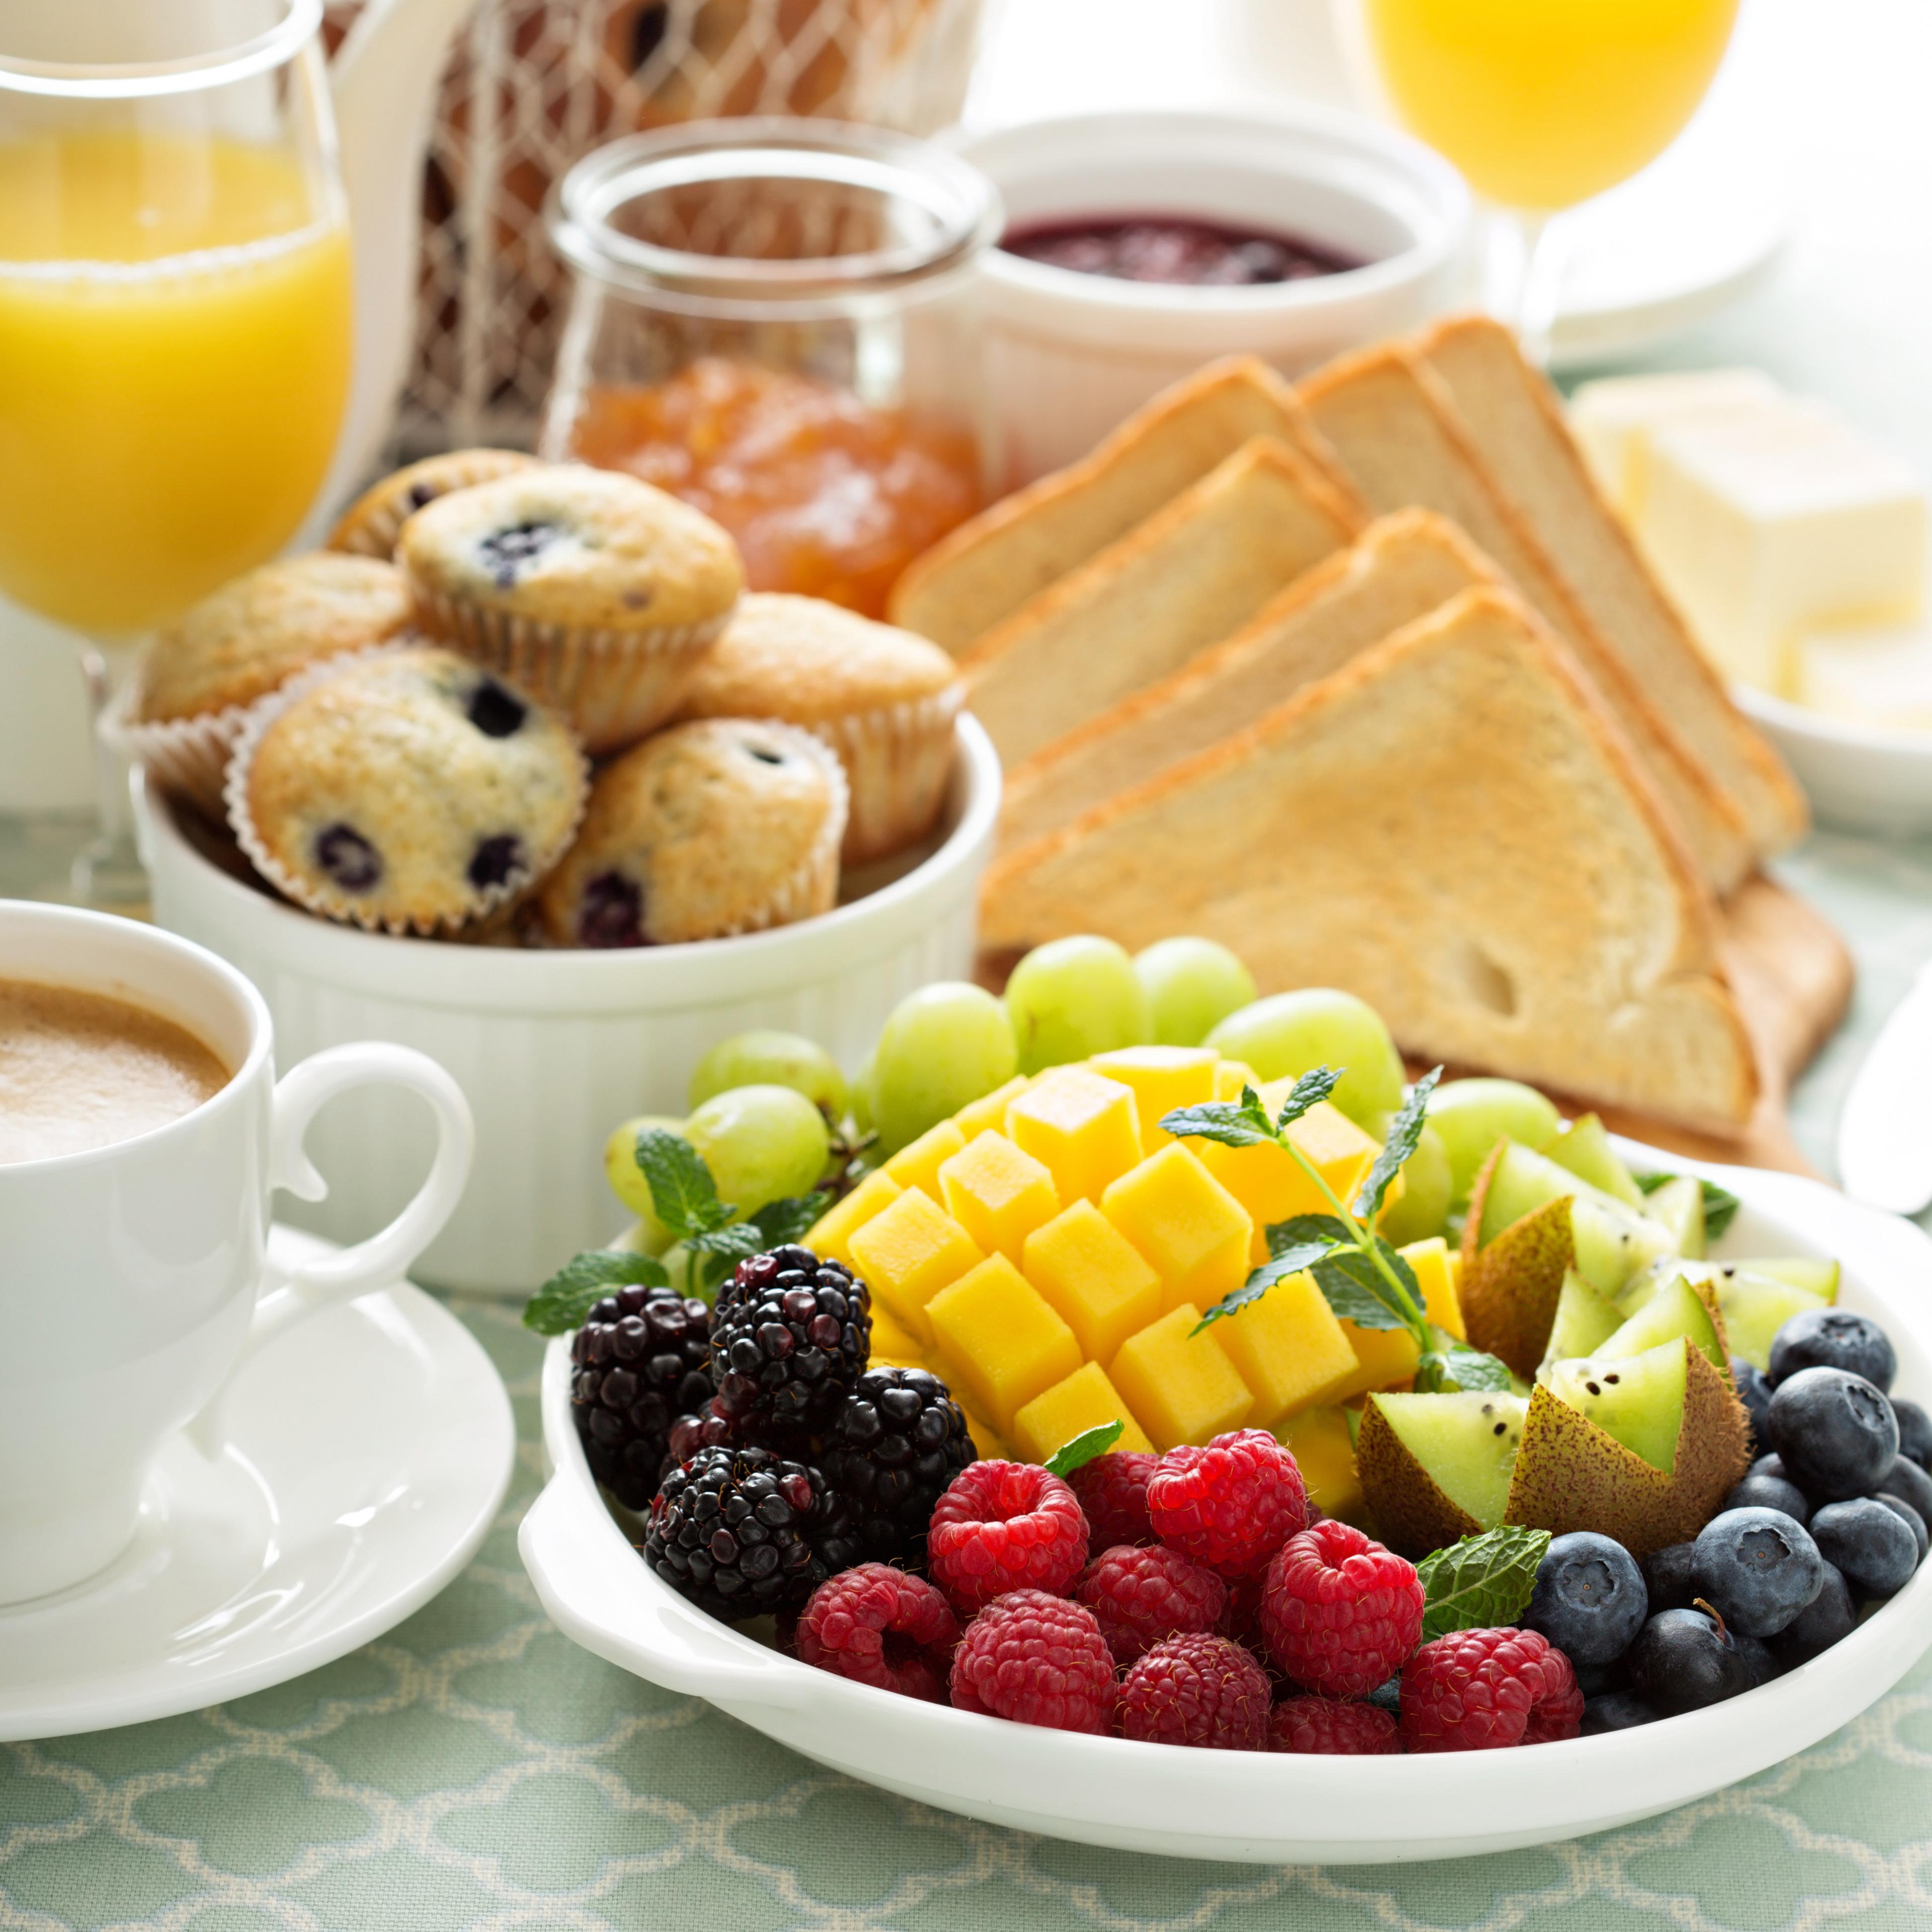 Empieza tu día con un desayuno bio